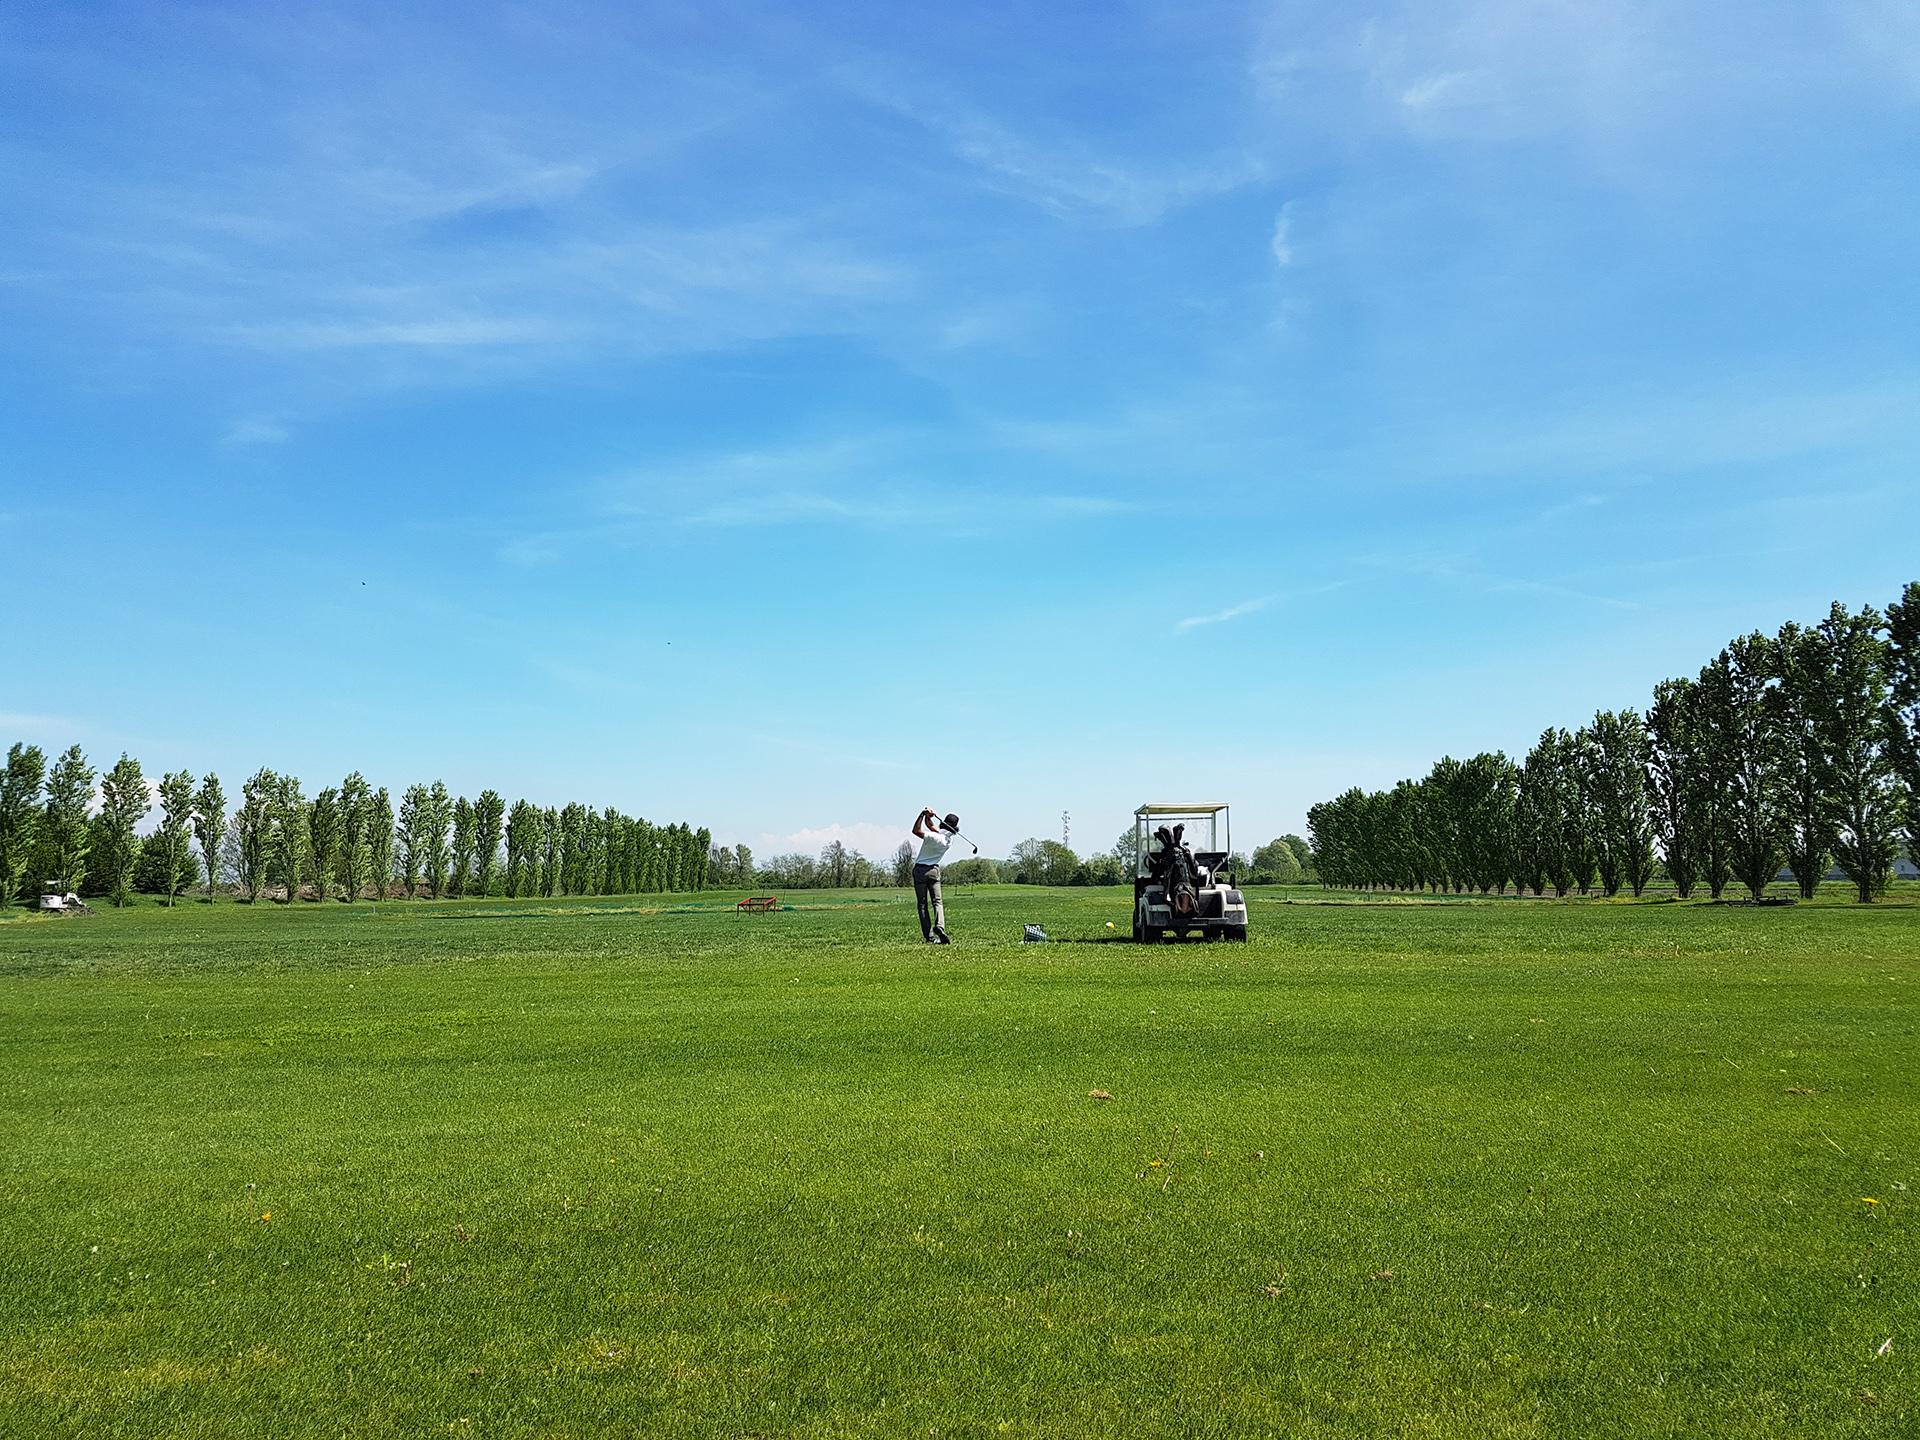 Associazione sportiva circolo del golf Open Golf Club